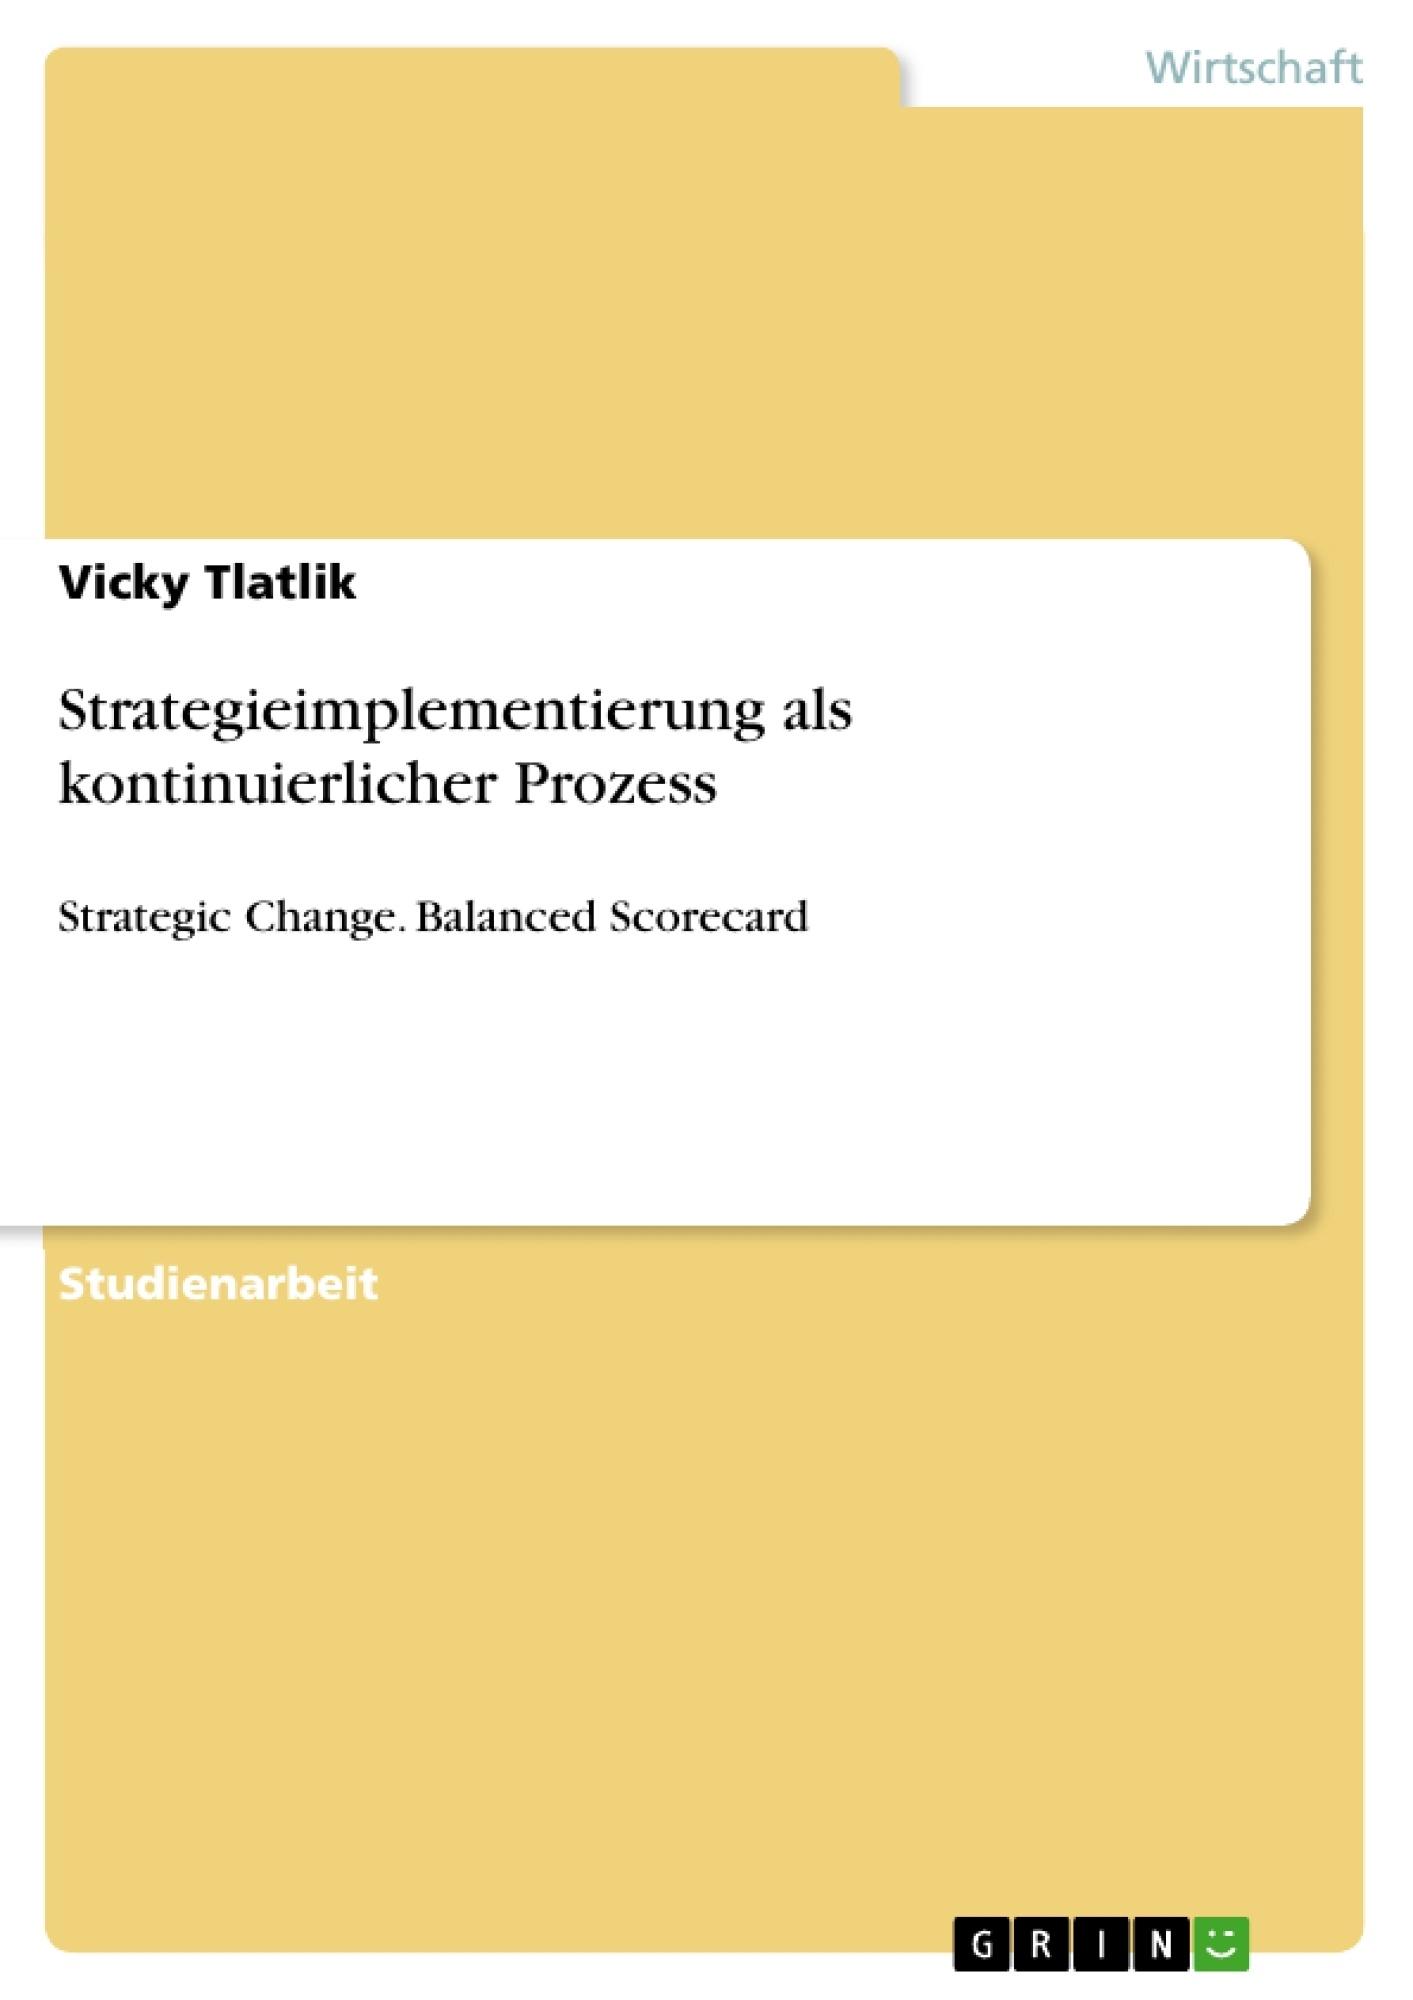 Titel: Strategieimplementierung als kontinuierlicher Prozess